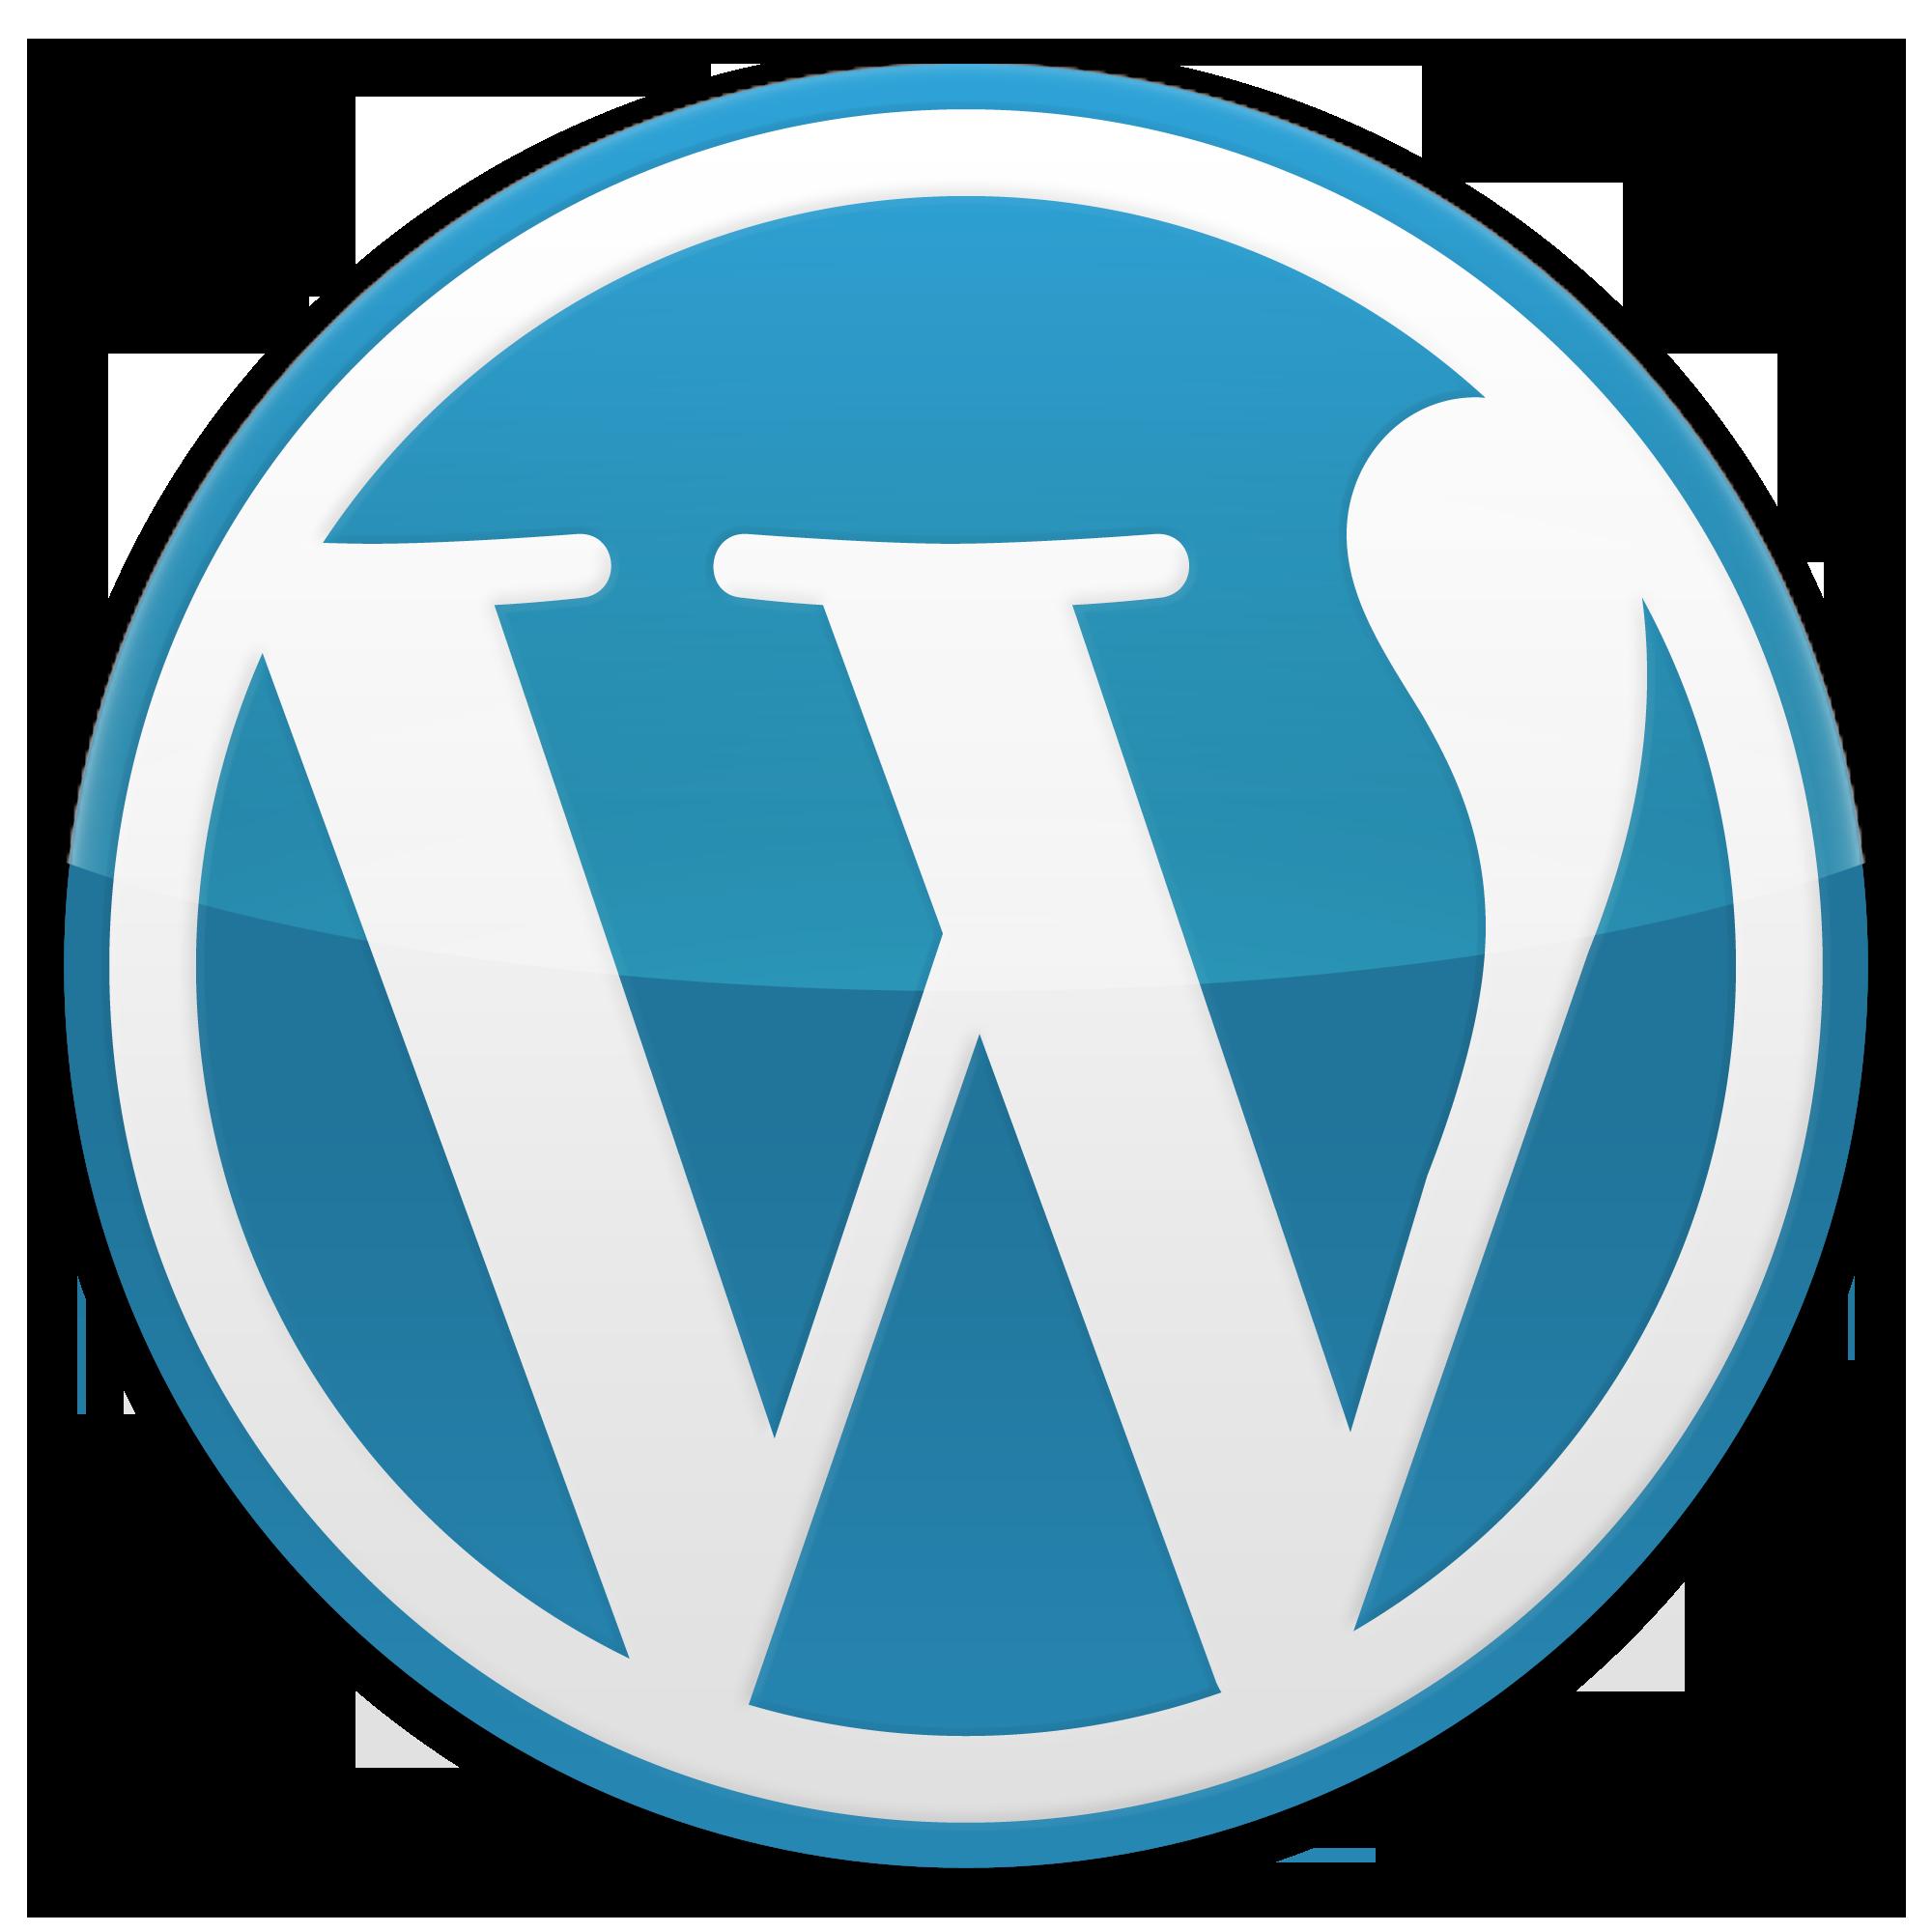 Desactivar actualizaciones automáticas en WordPress